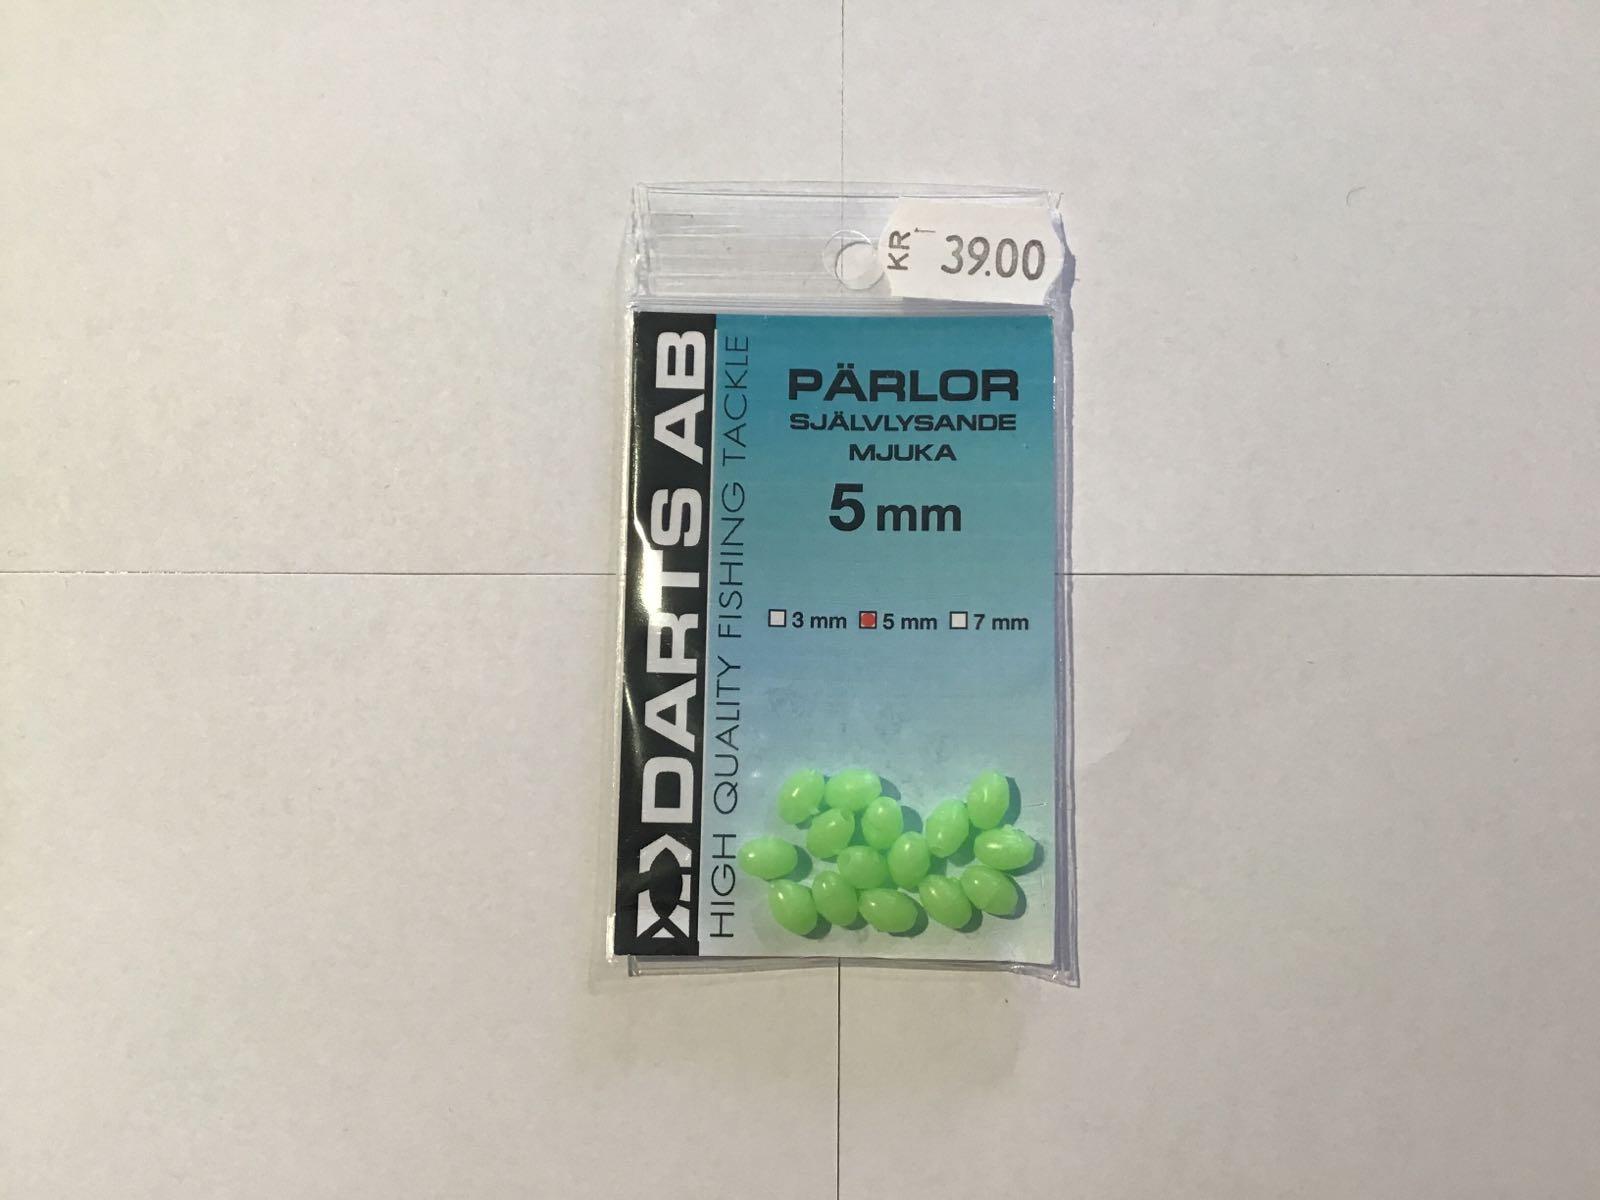 Darts pärlor självlysande mjuka 5mm